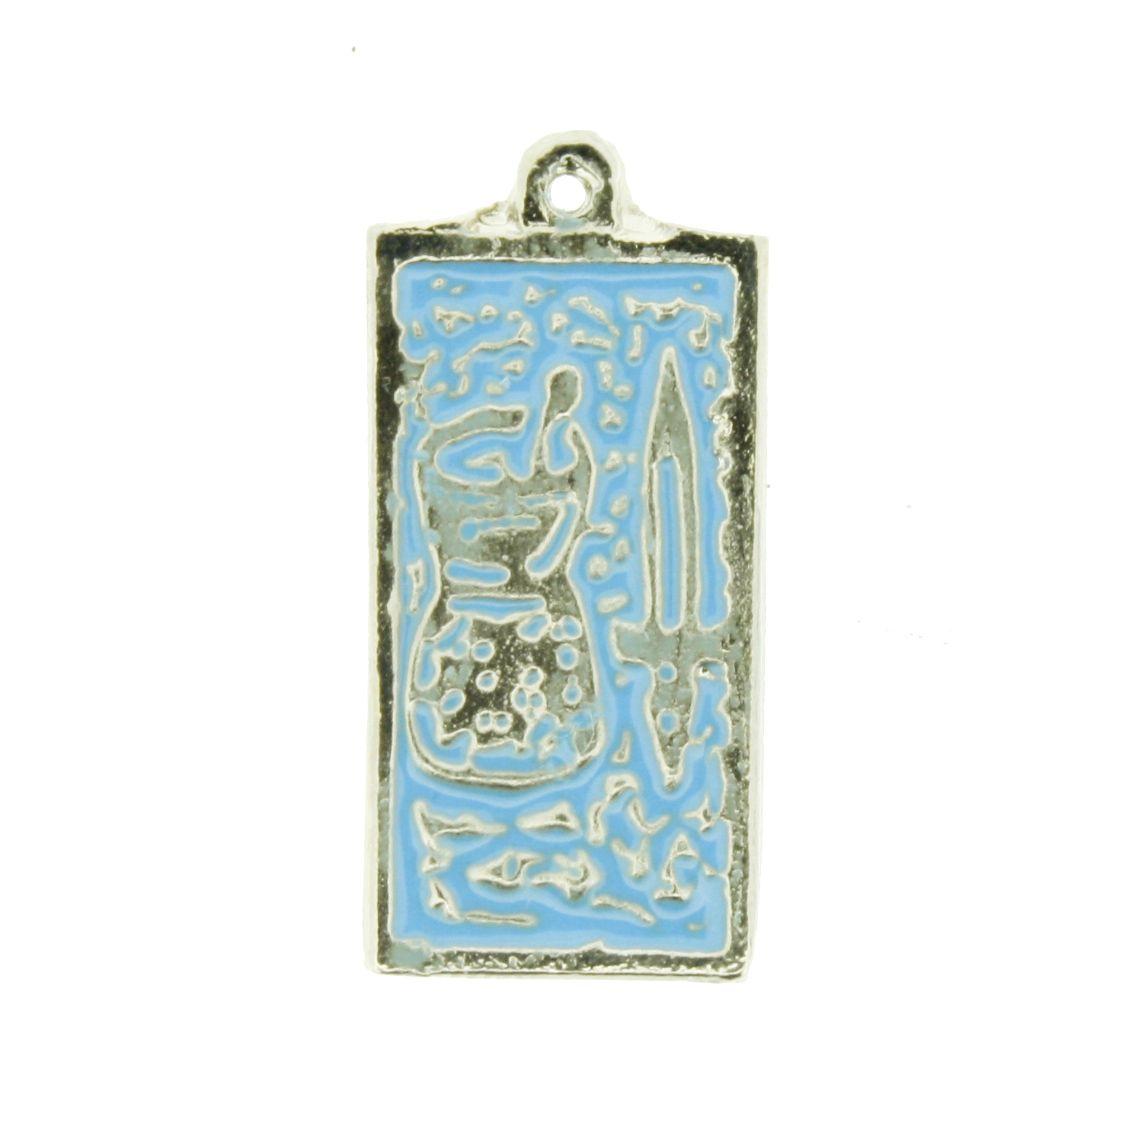 Funfun - Níquel com Resina Azul - 24mm  - Universo Religioso® - Artigos de Umbanda e Candomblé